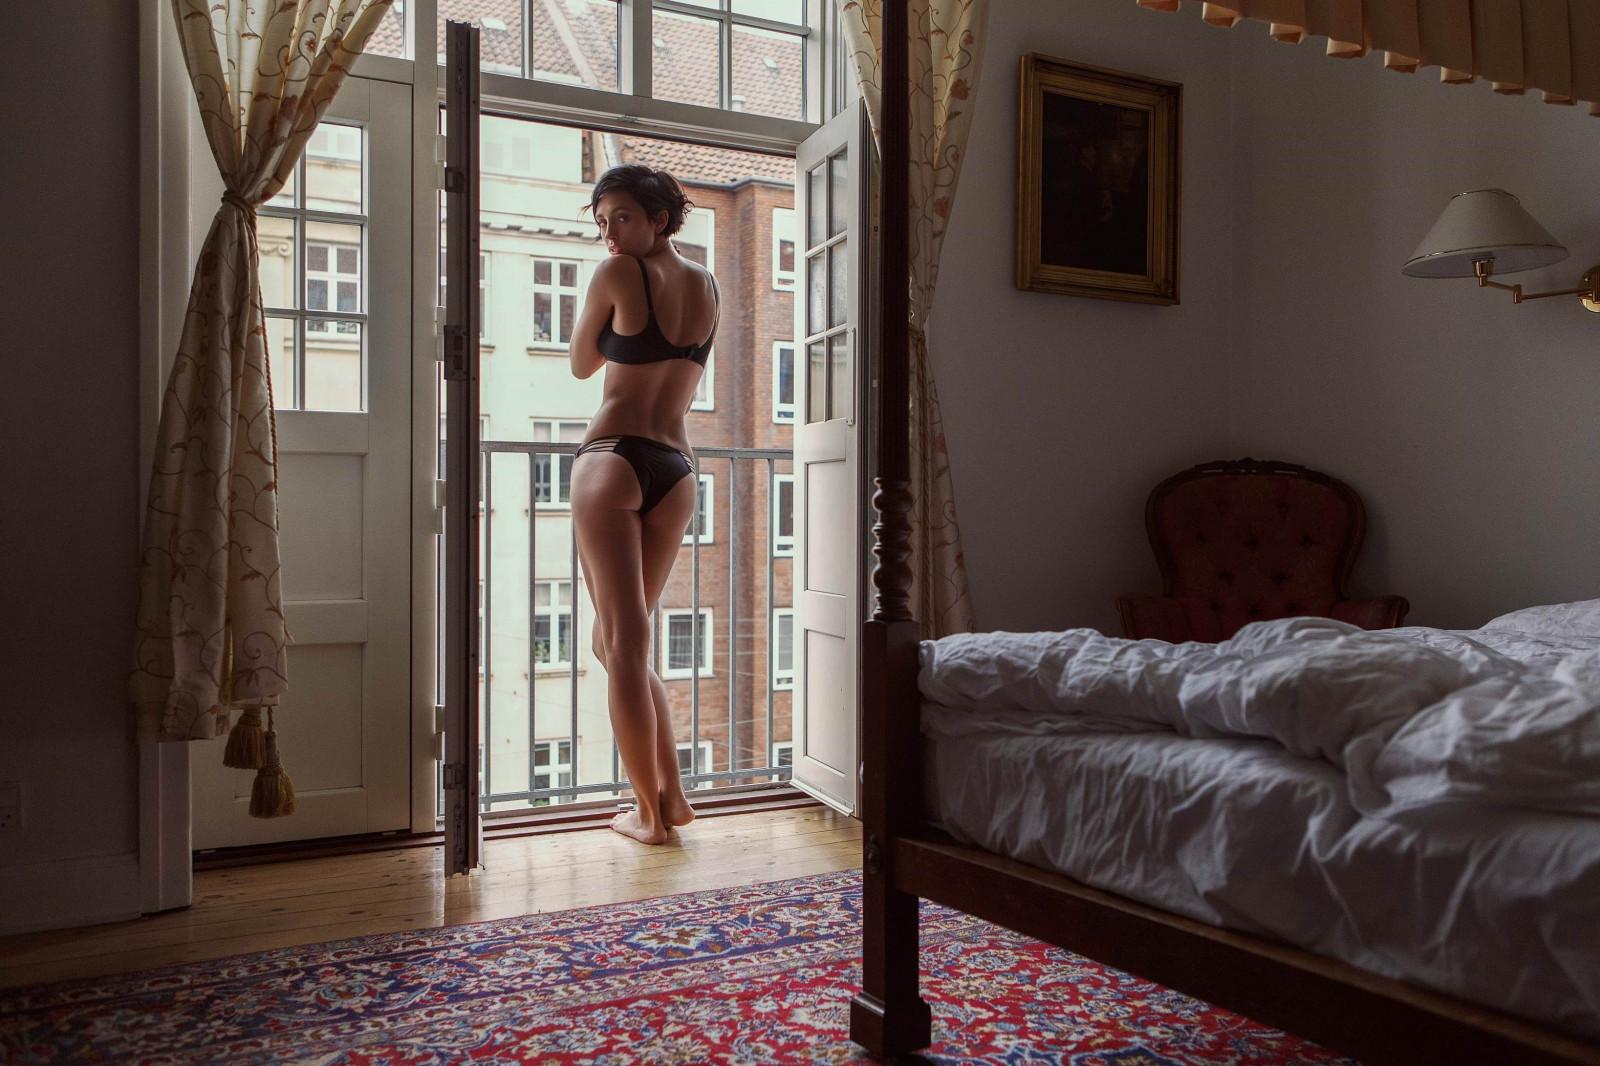 Wallpaper : women, model, short hair, ass, bed, house, bra ...